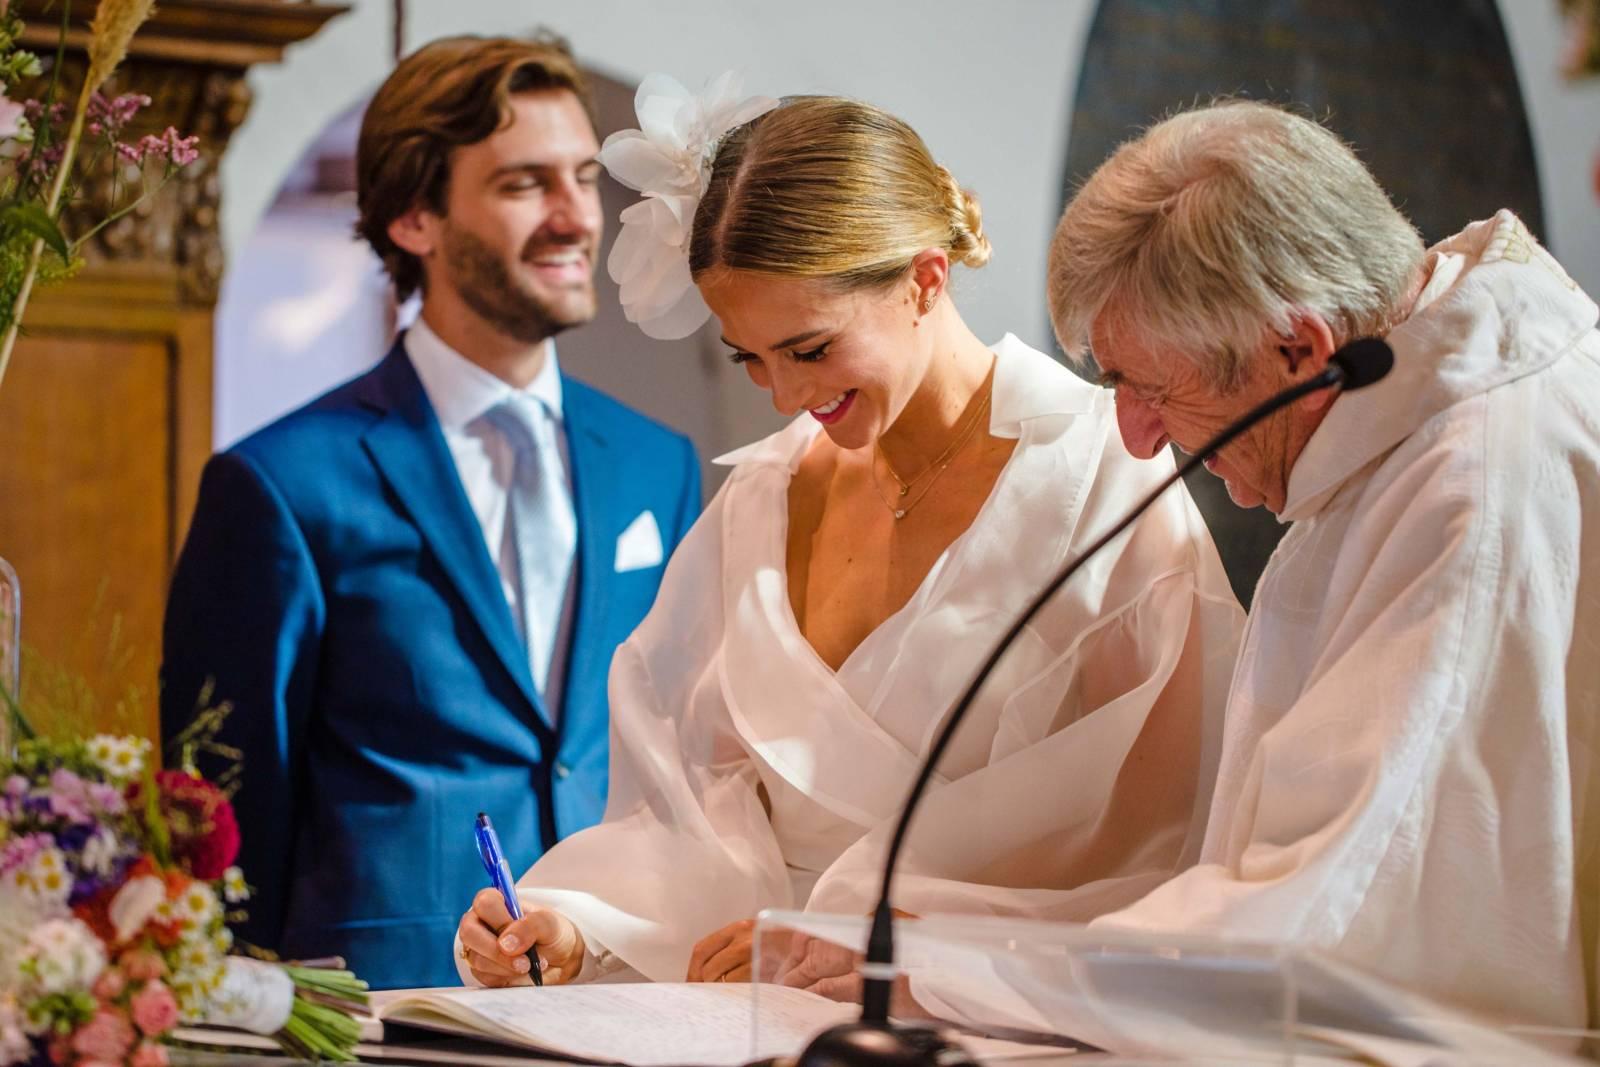 Leyla Hasna - Photography - House of Weddings - 17